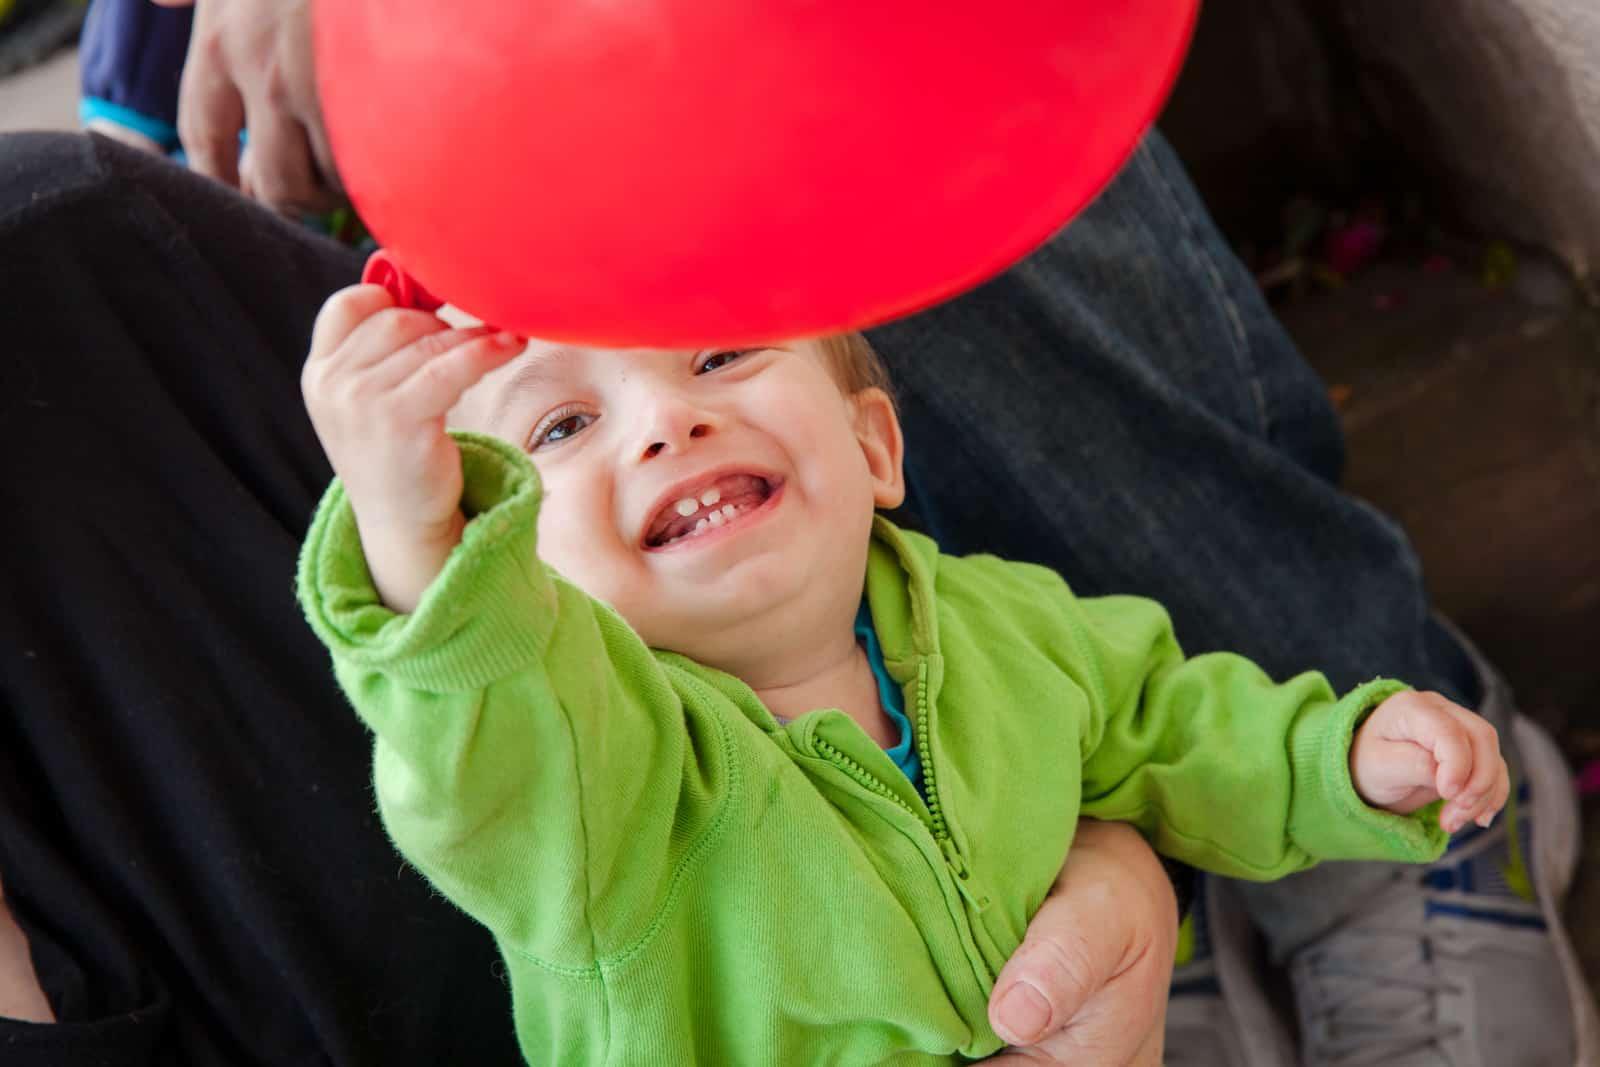 Ein Kind spielt mit einem roten Ballon